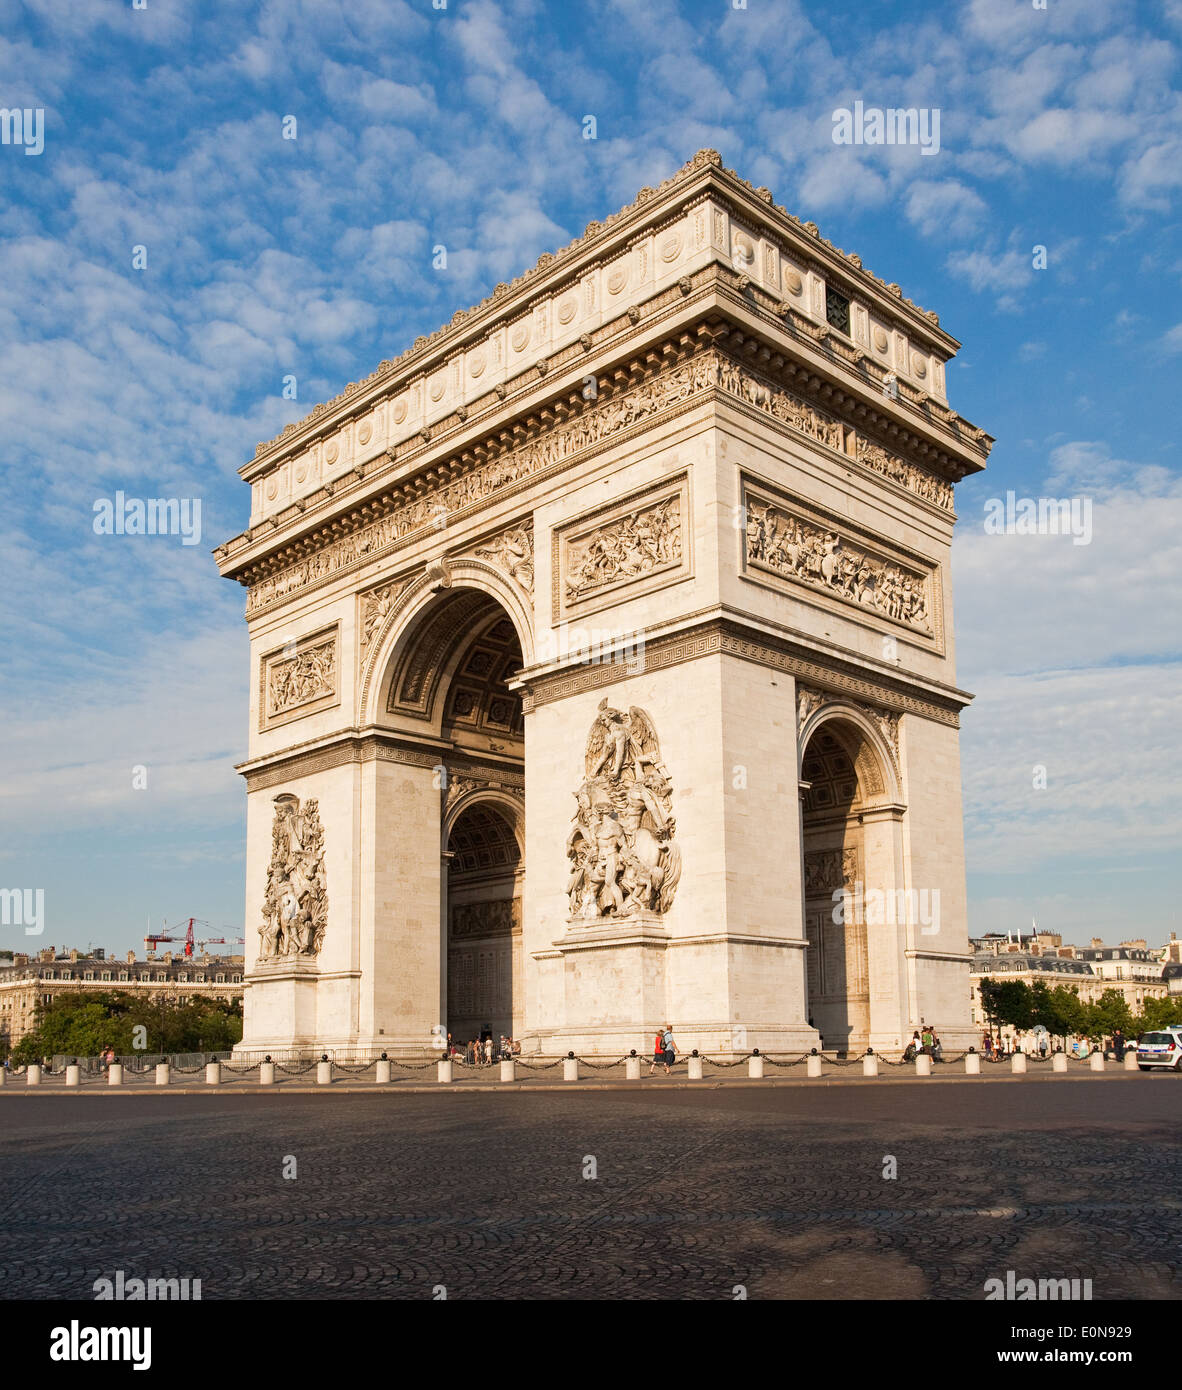 Arc de Triomphe an der Champs-Elysees, Paris, Frankreich - Arc de Triomphe at Champs-Elysees, France, Paris - Stock Image